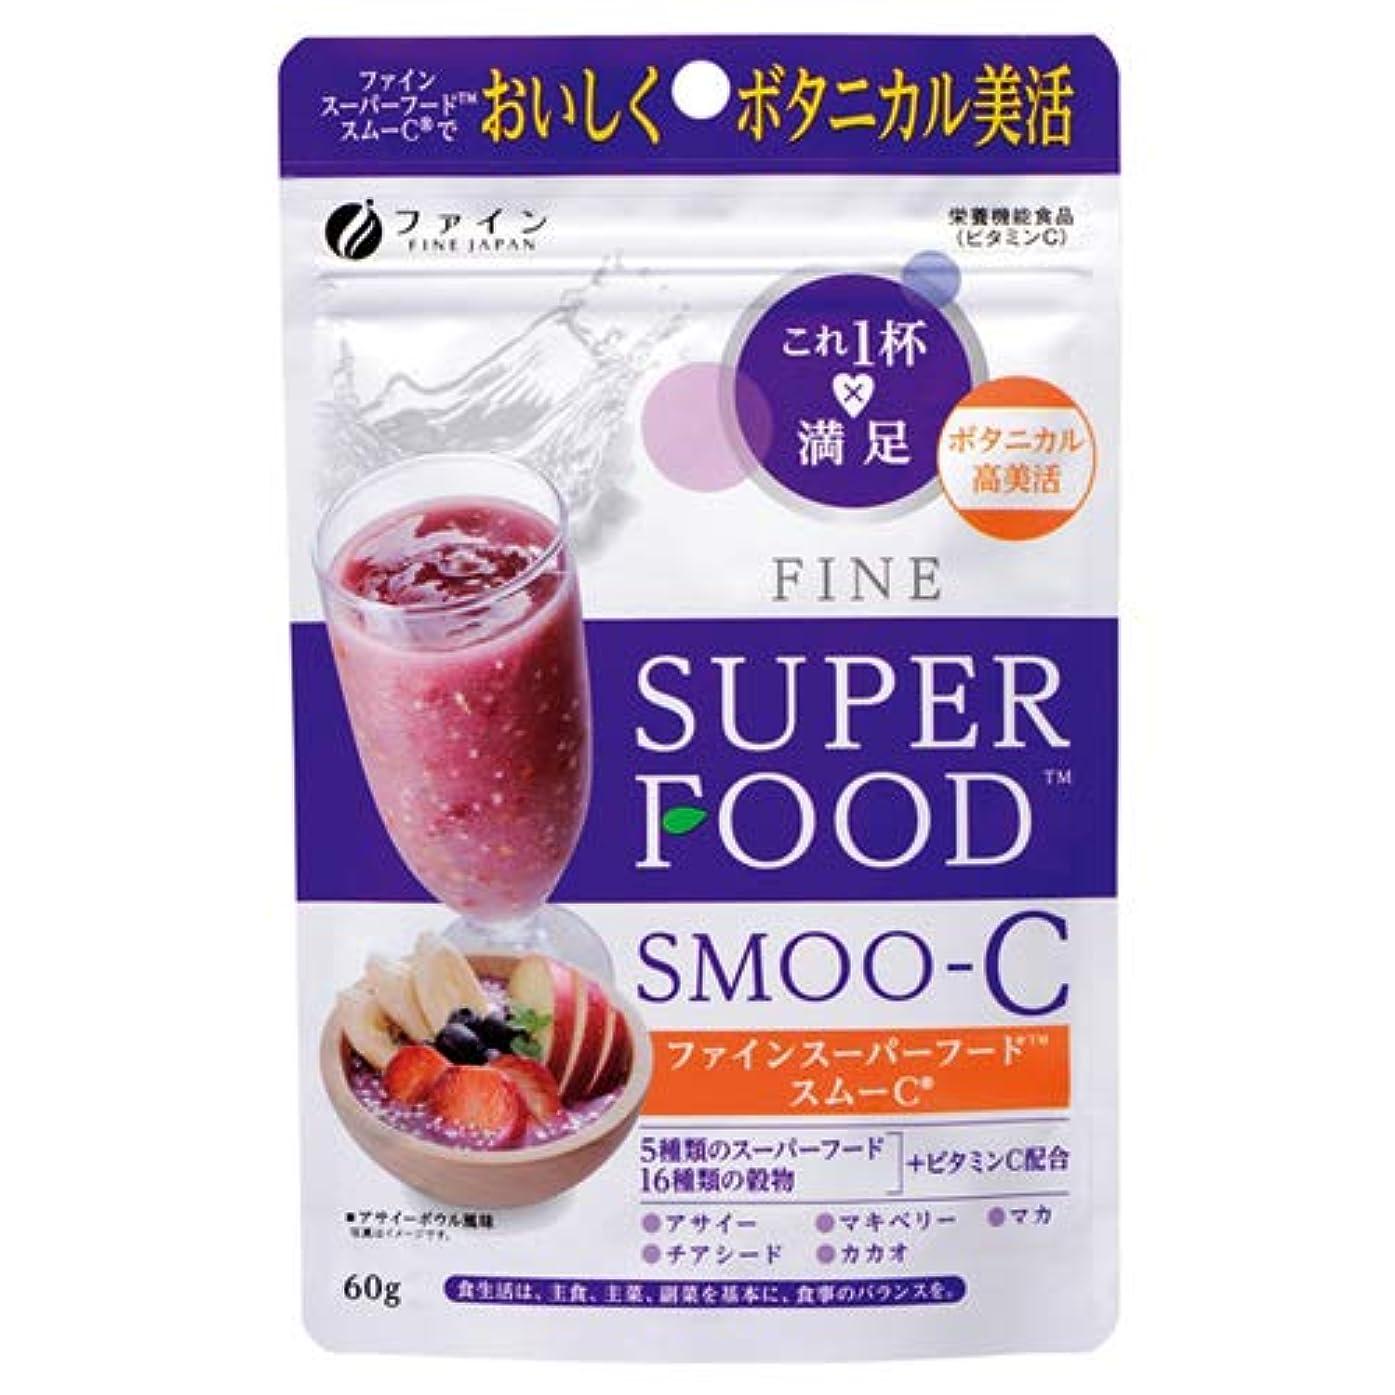 ファイン スーパーフード スムーC 60g 【50袋組】